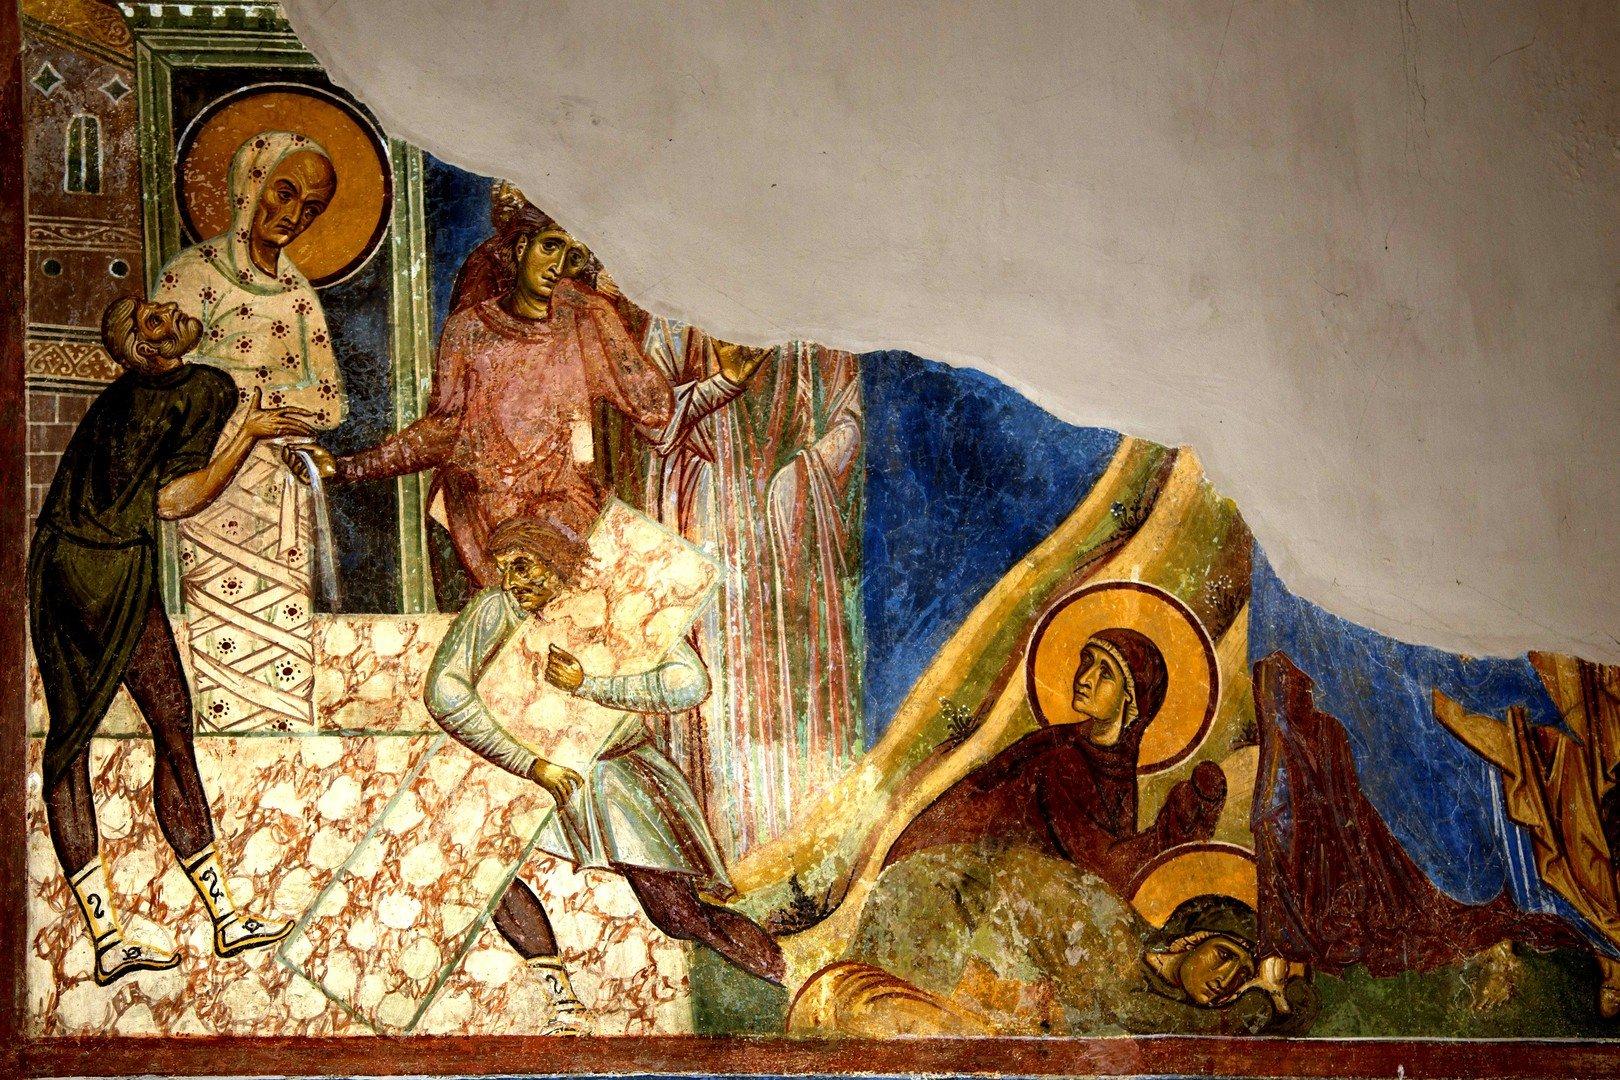 Воскрешение Праведного Лазаря. Фреска церкви Св. Пантелеимона в Нерези близ Скопье, Македония. 1164 год.